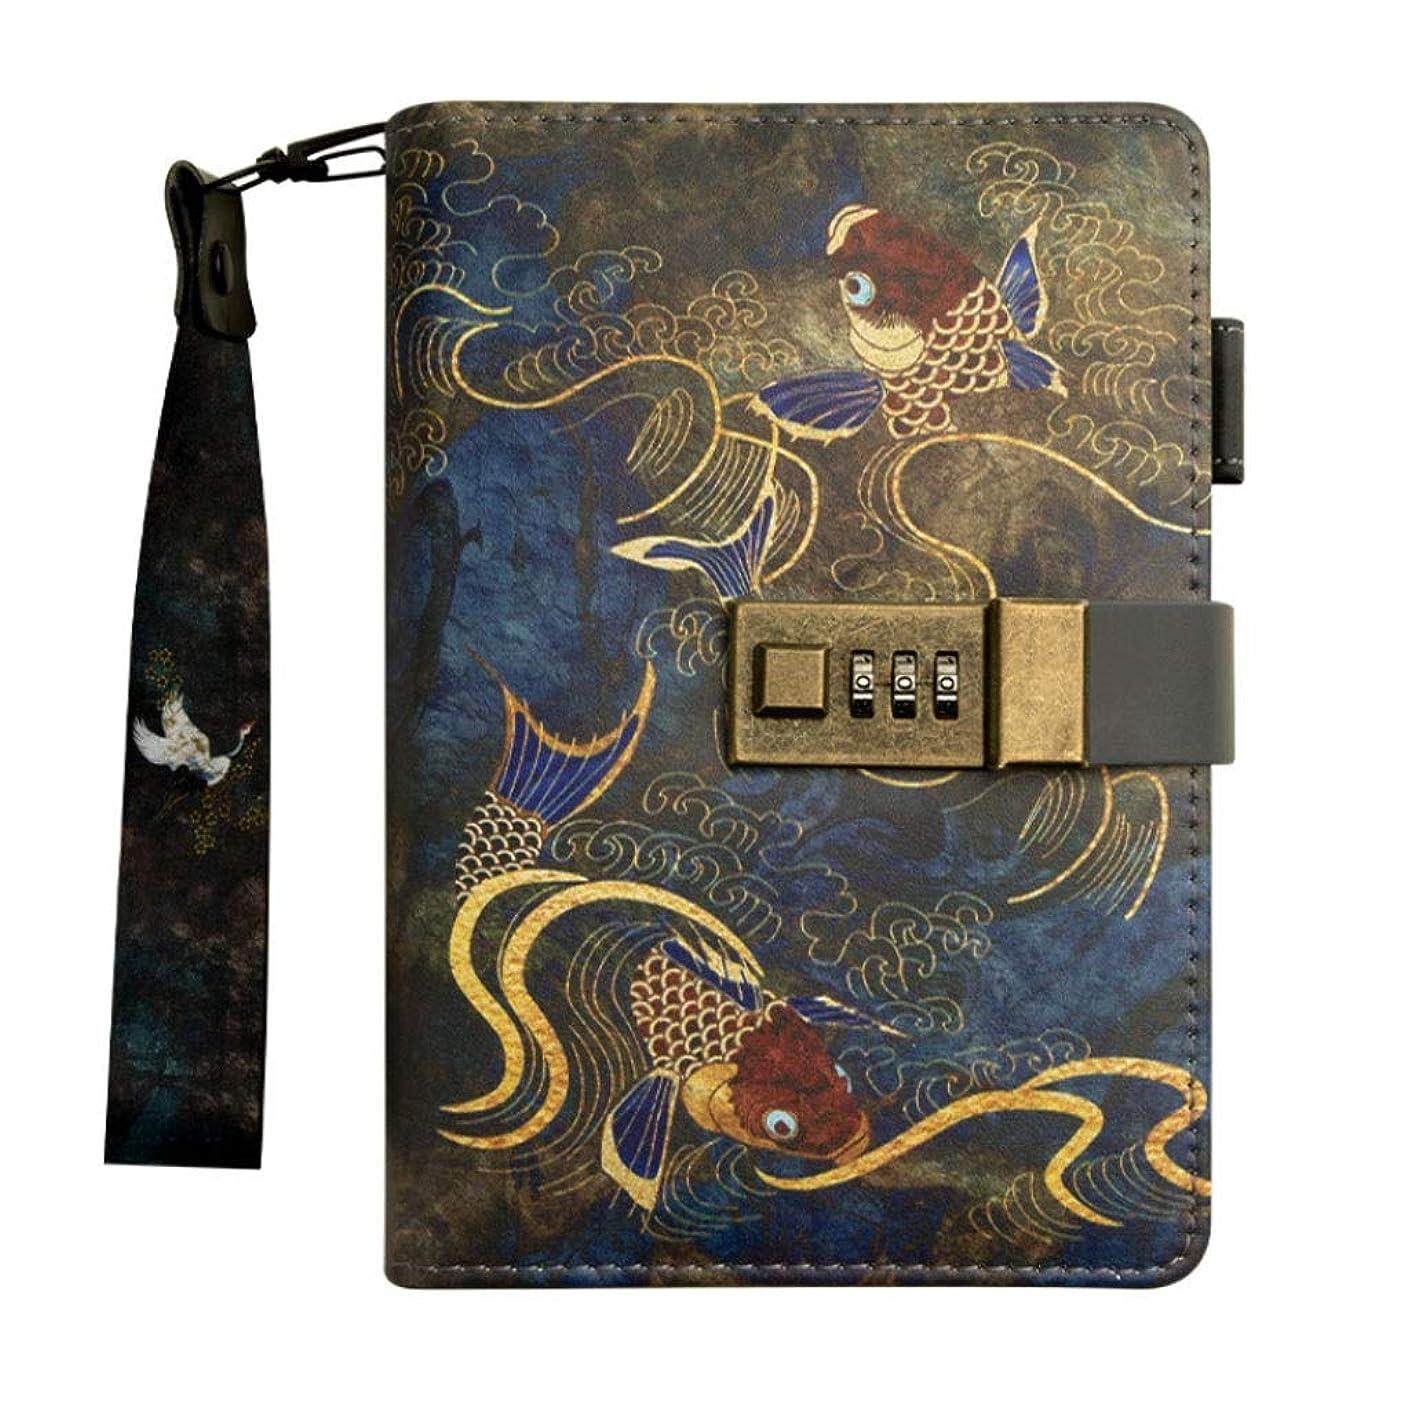 ダイヤル日常的にルー革ノート、パスワード付きメモ帳、クリエイティブギフト/ルーズリーフのトラベルテキストと日記 (Color : B)